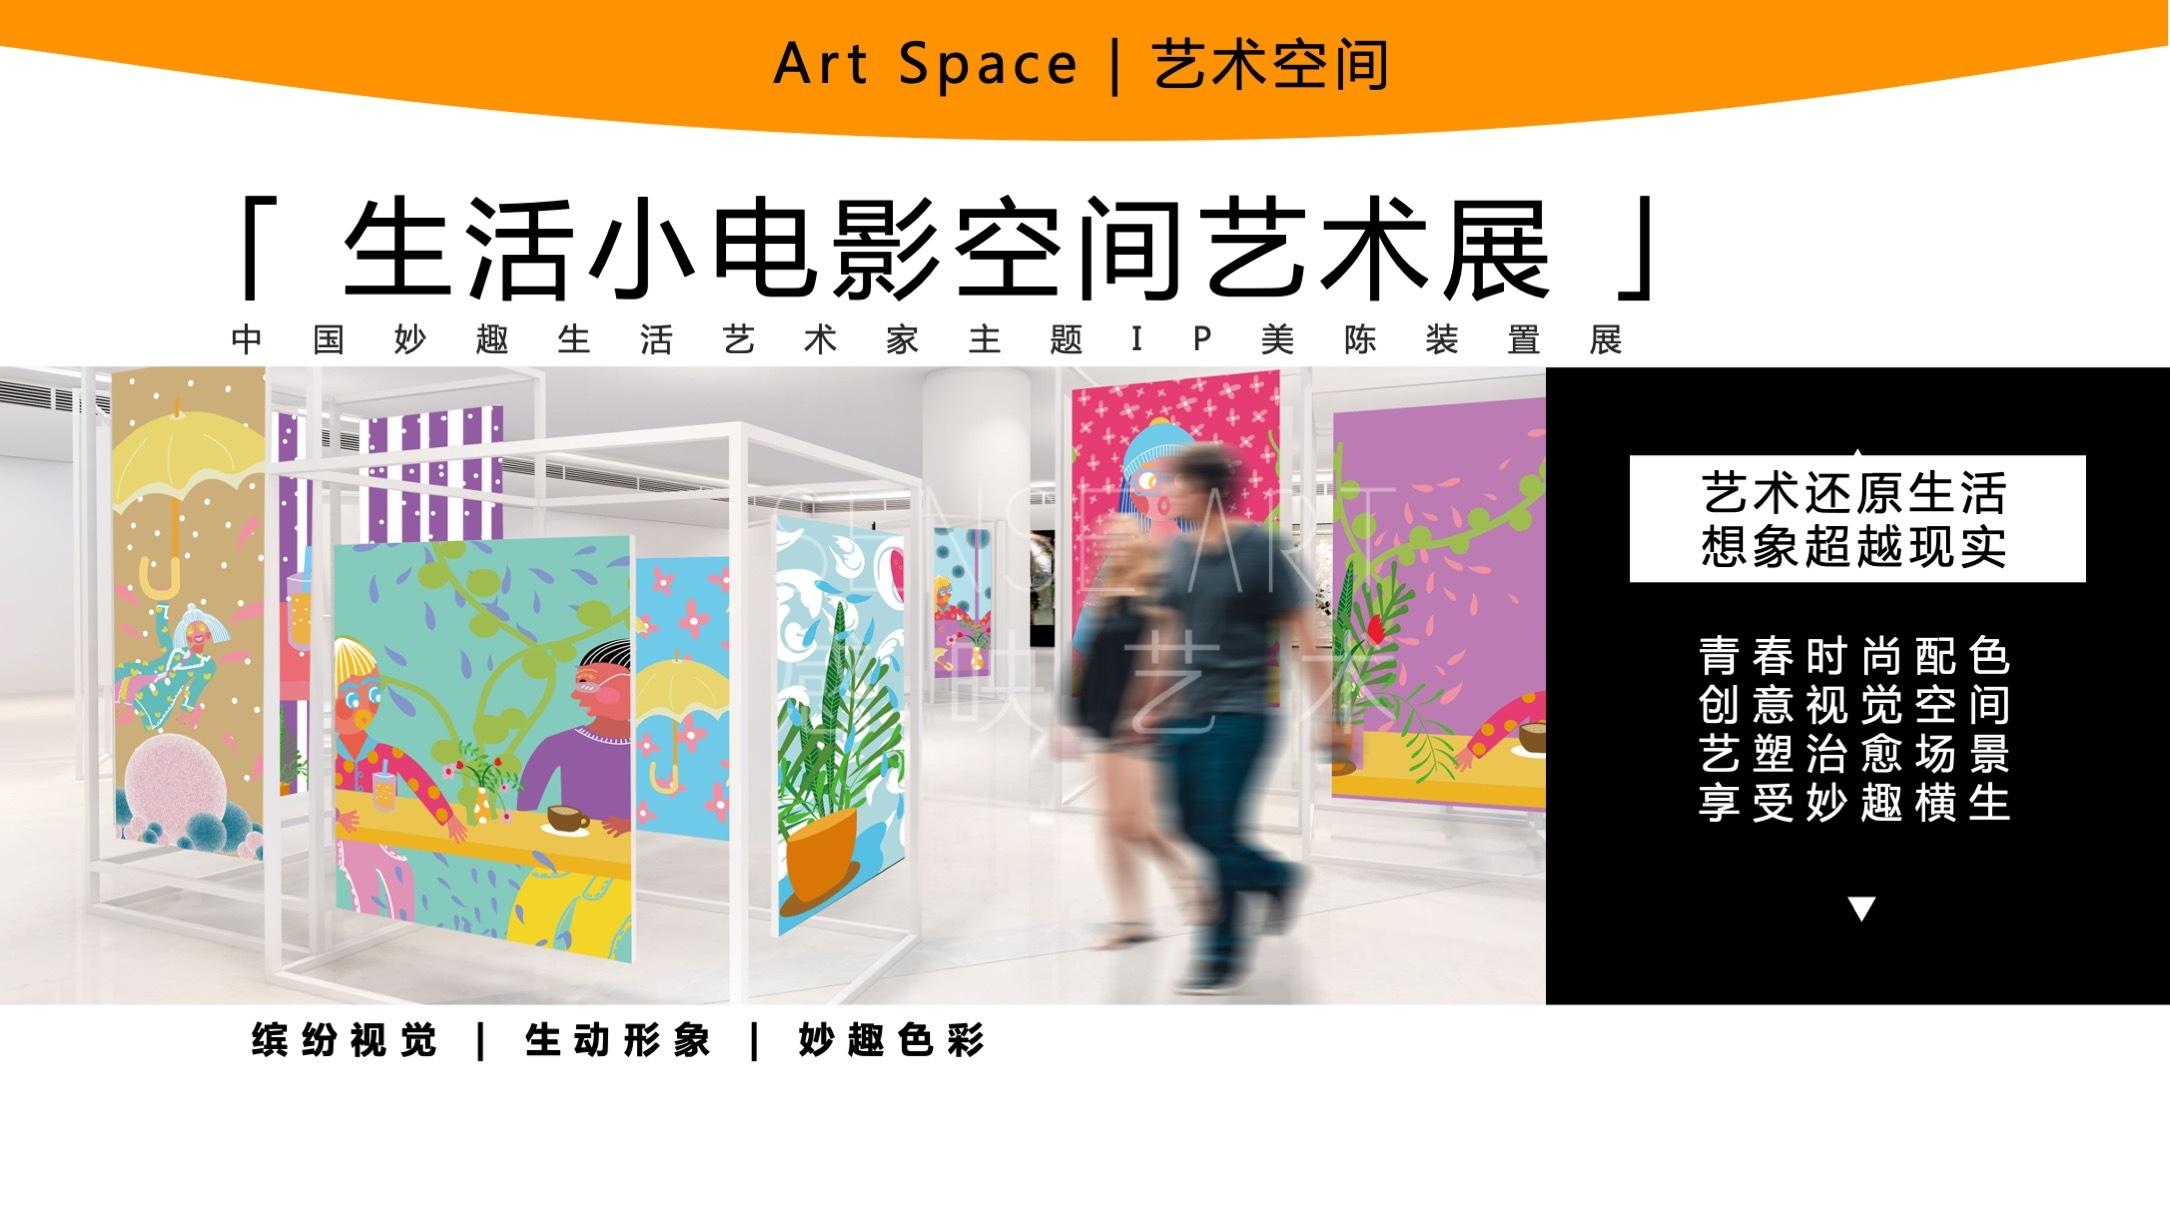 【漫游生活小电影】中国妙趣生活插画艺术家IP美陈装置展